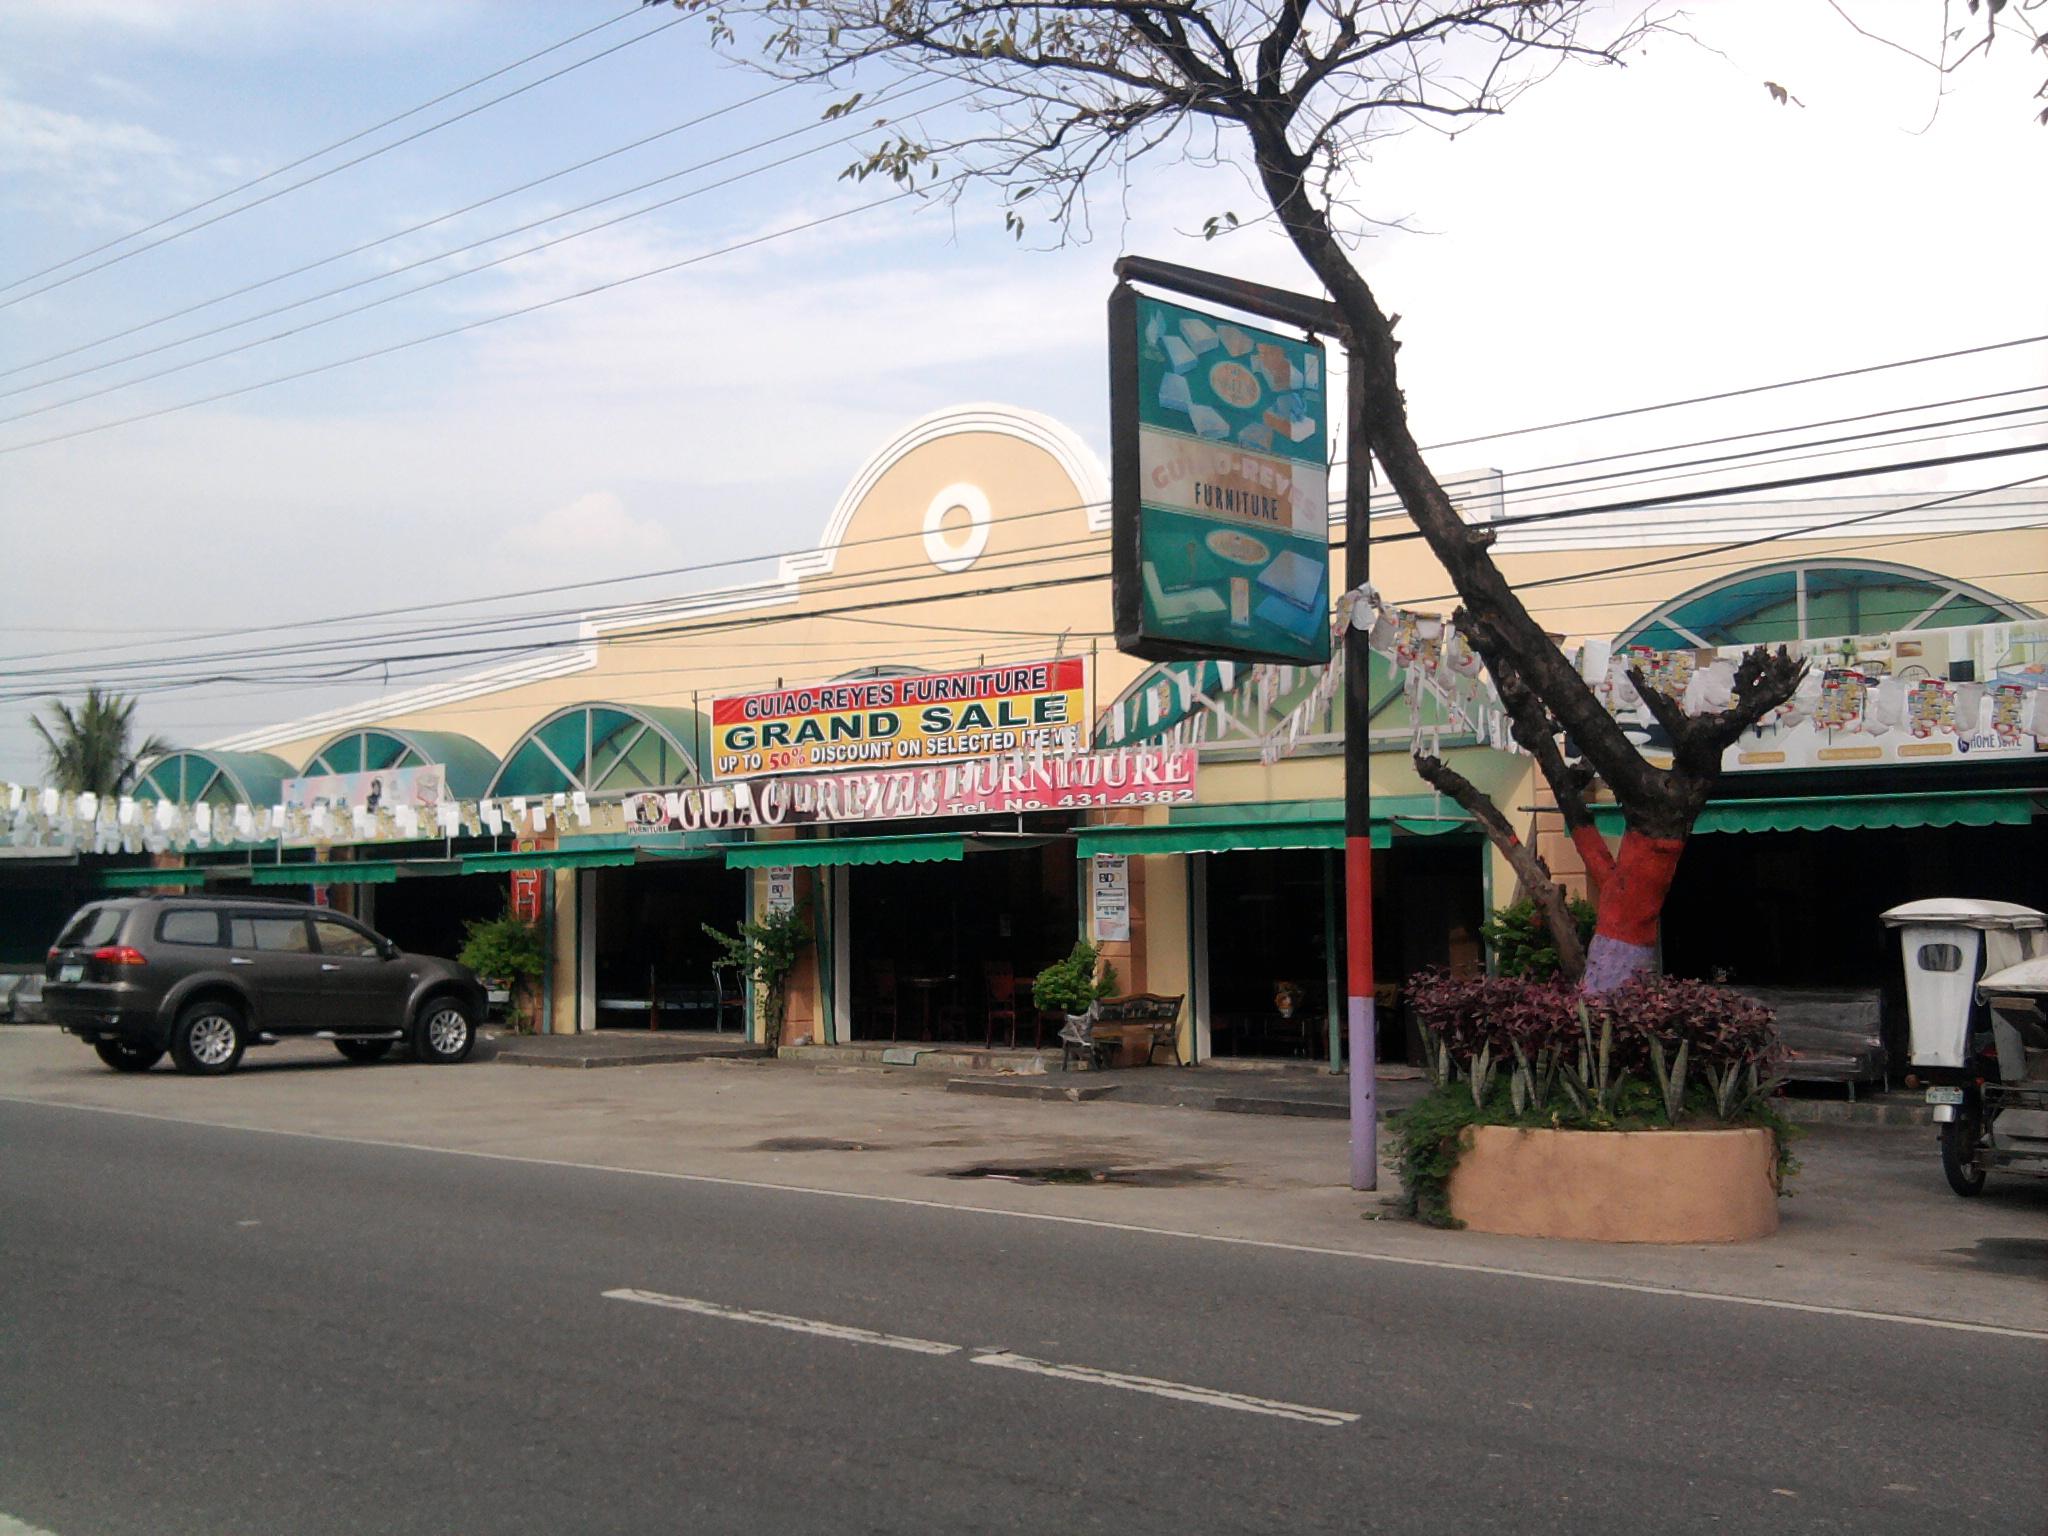 File:GUIAO-REYES FURNITURE Kaparangan, Orani, Bataan.jpg